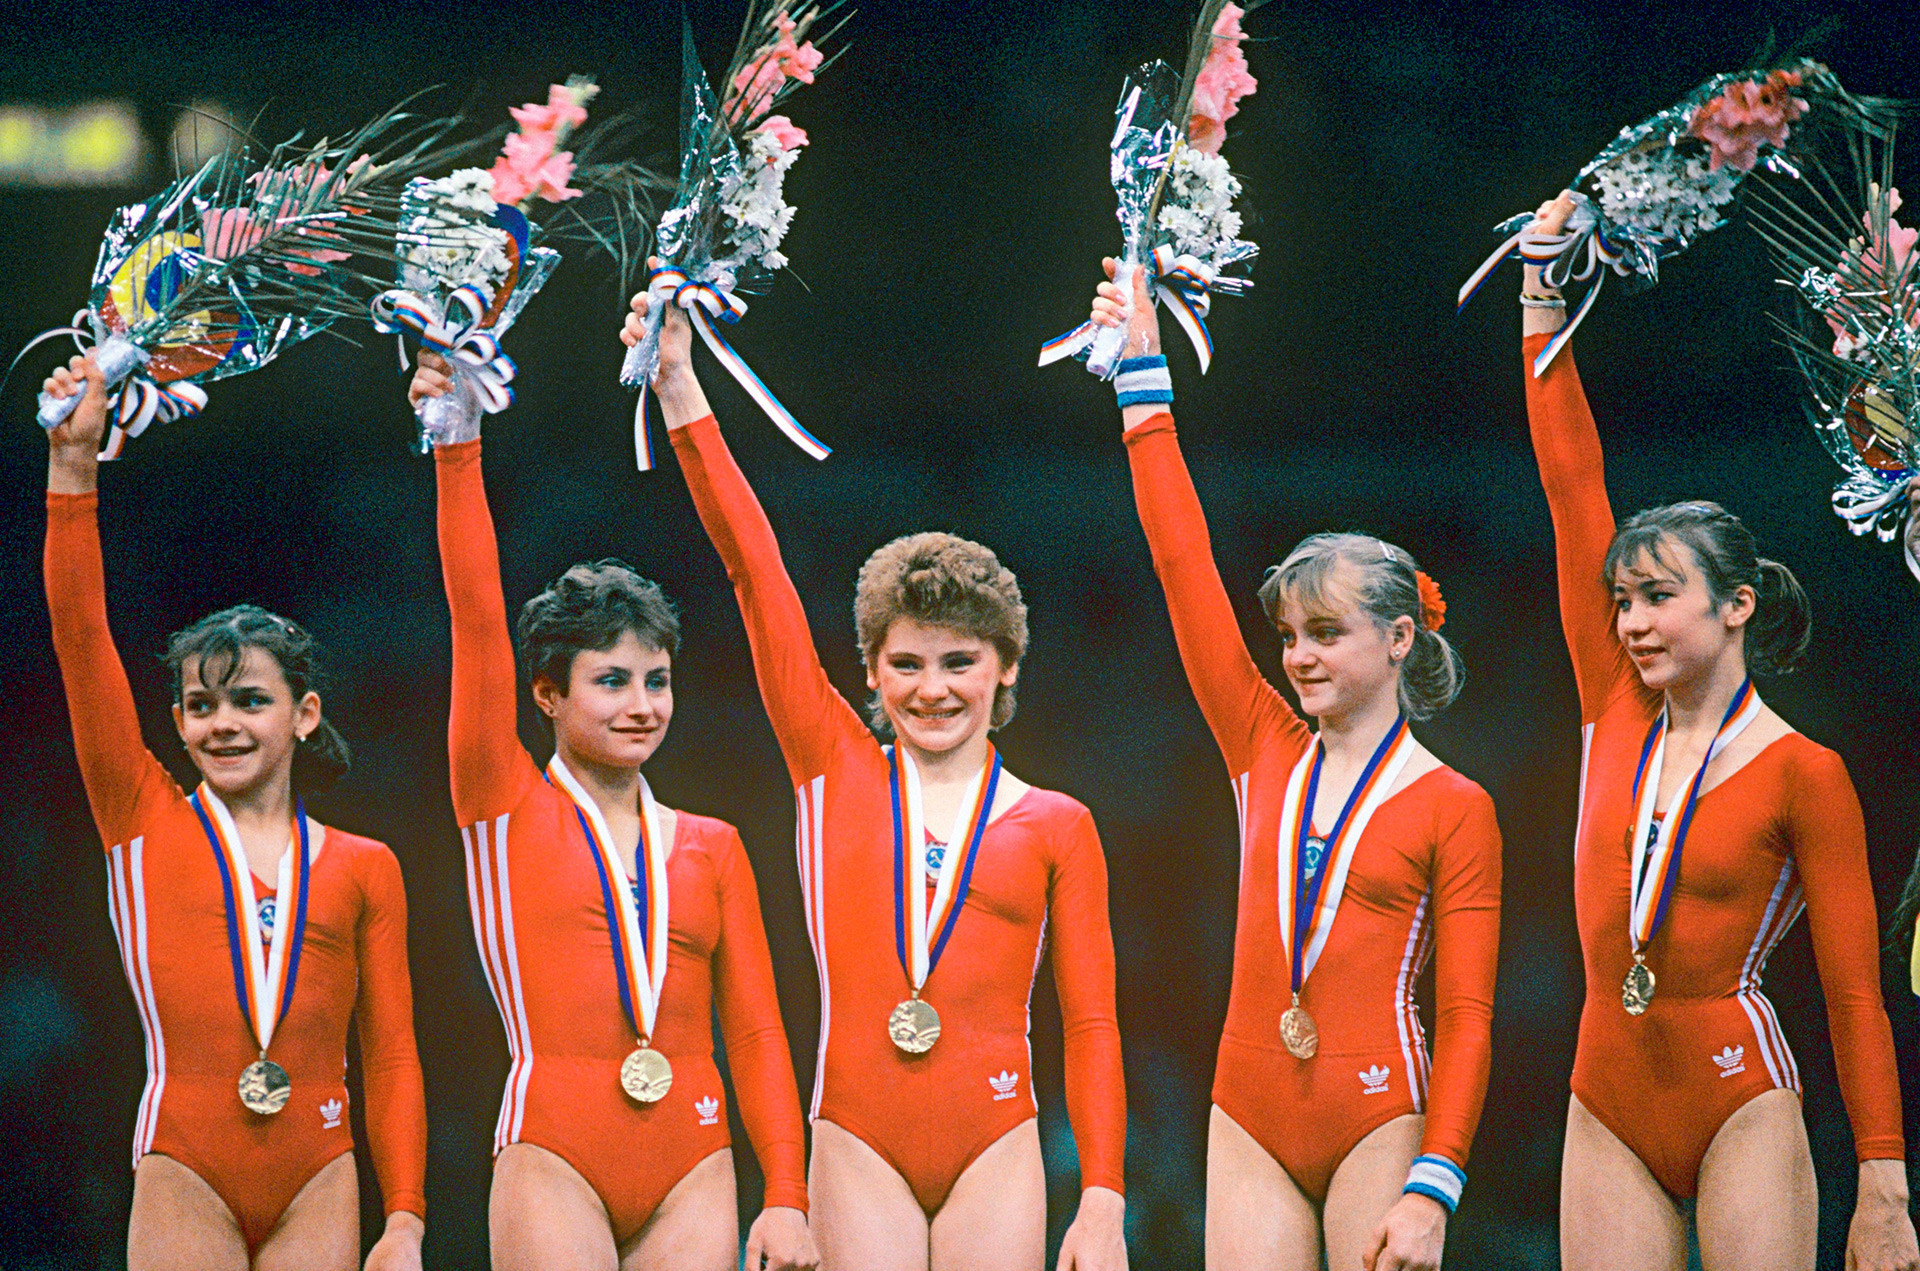 Ginastas soviéticos recebendo medalhas de ouro nos Jogos Olímpicos de Verão de 1988, em Seul